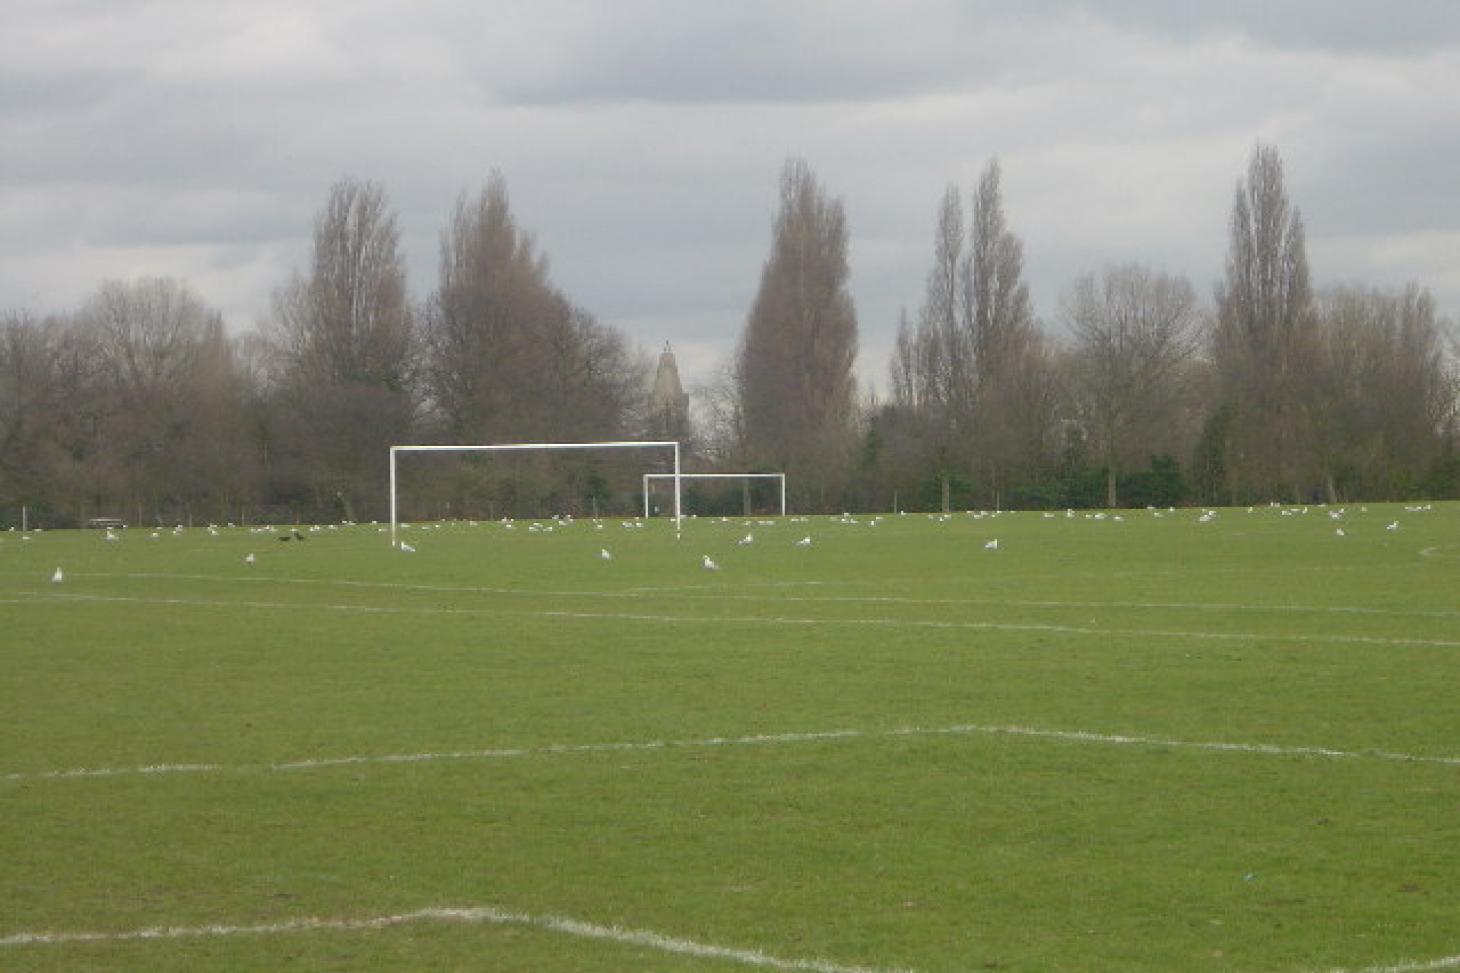 Sir Joseph Hood Memorial Playing Fields 11 a side | Grass football pitch